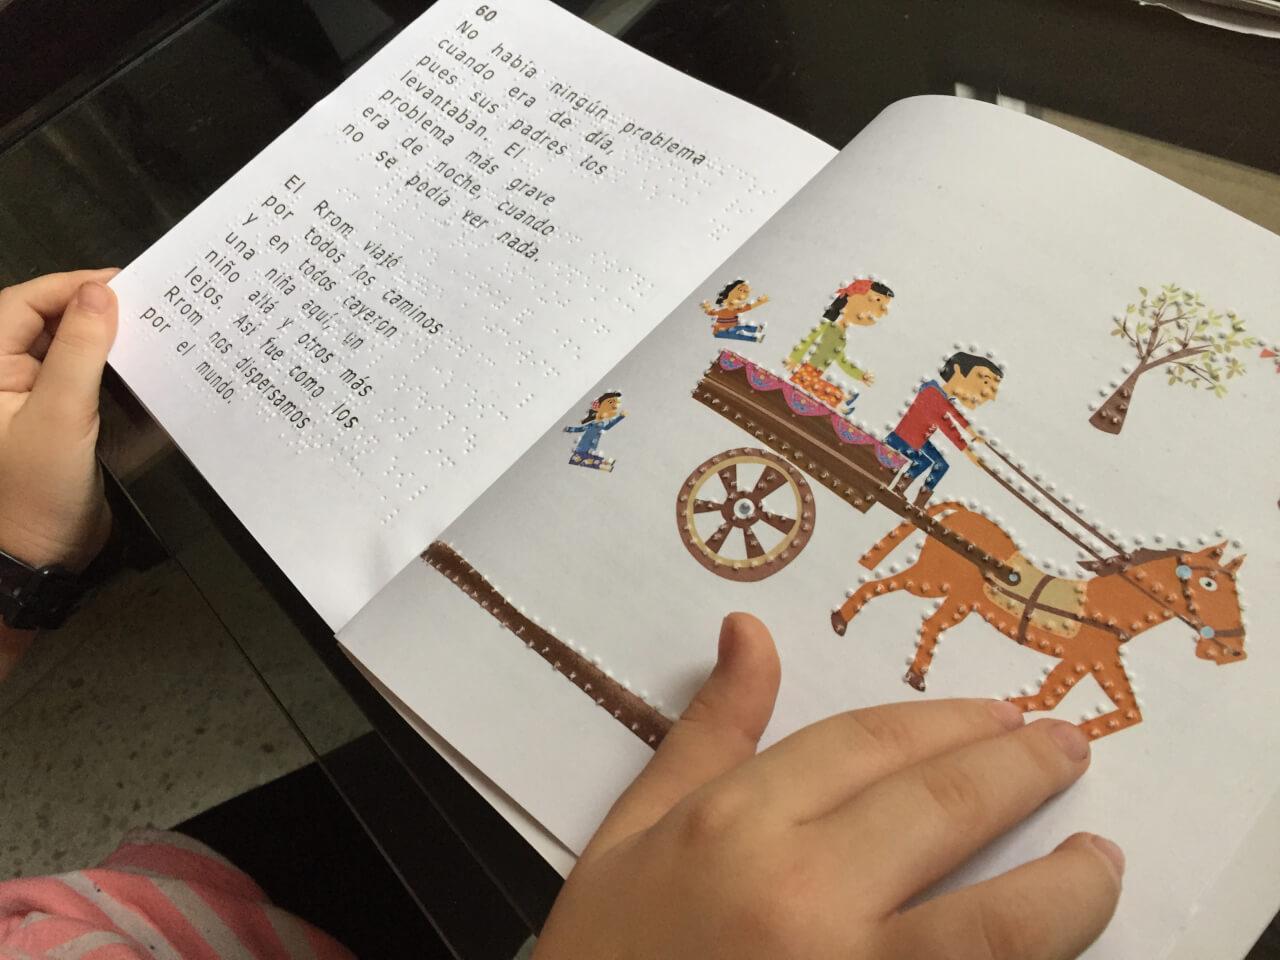 Libros en braille para niños. Relatos, cuentos y cantos afro, indígenas y rrom.